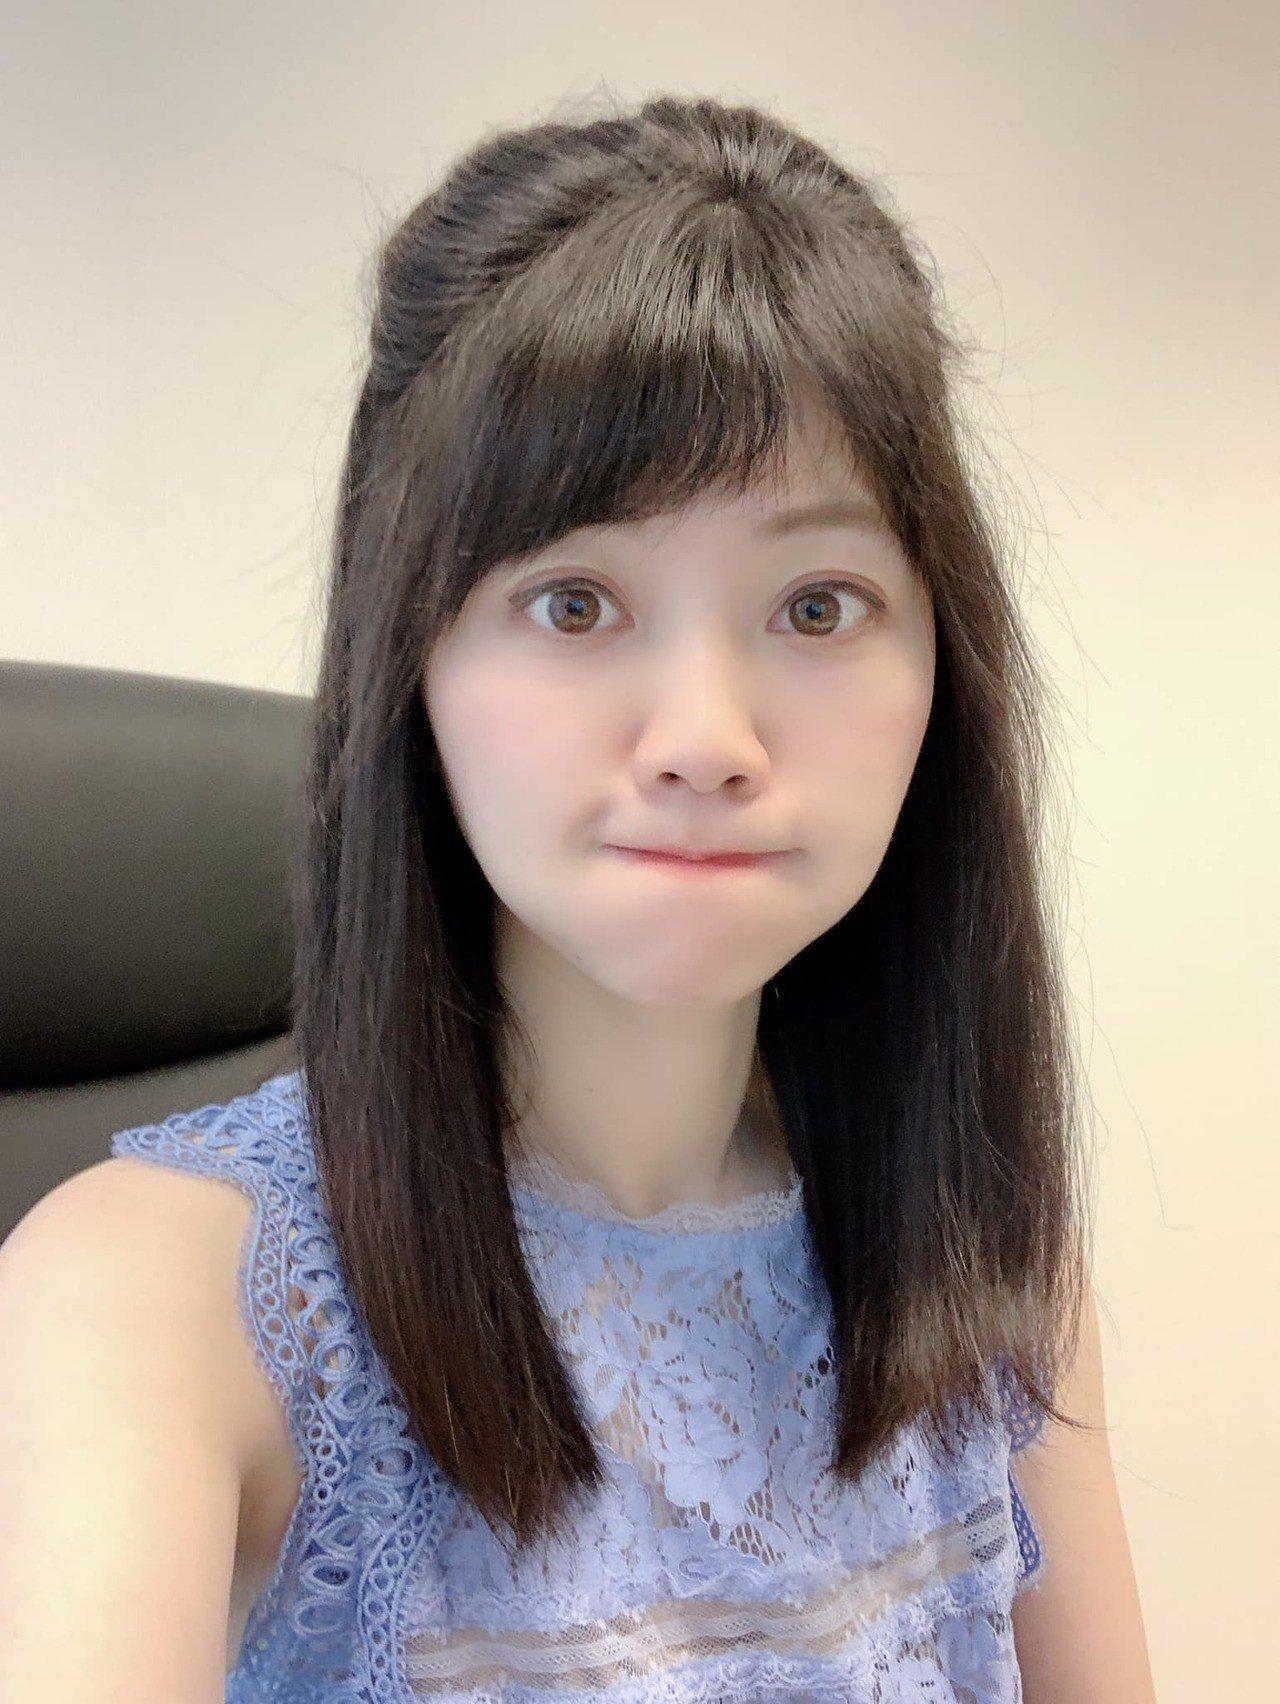 台北市議員高嘉瑜遭瘋狂粉絲騷擾,打算報警處理。圖/取自高嘉瑜臉書